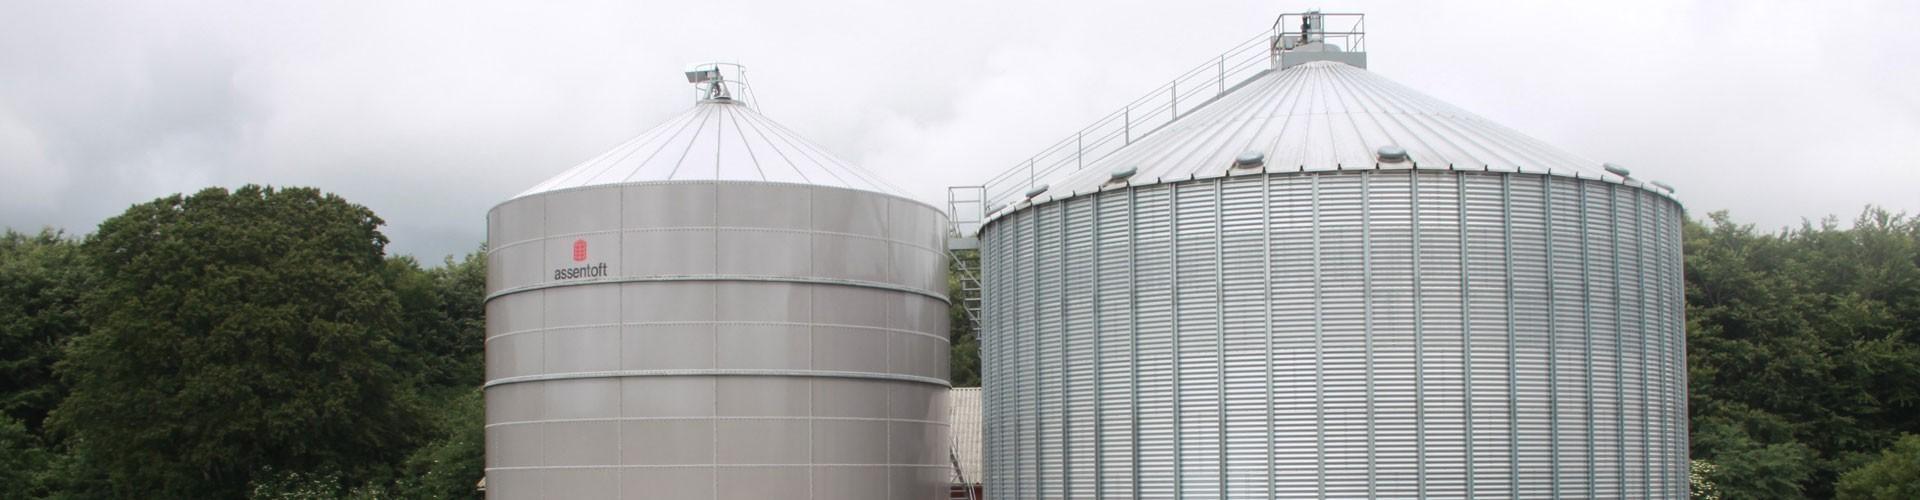 Rigtig kornopbevaring giver den bedste kornkvalitet